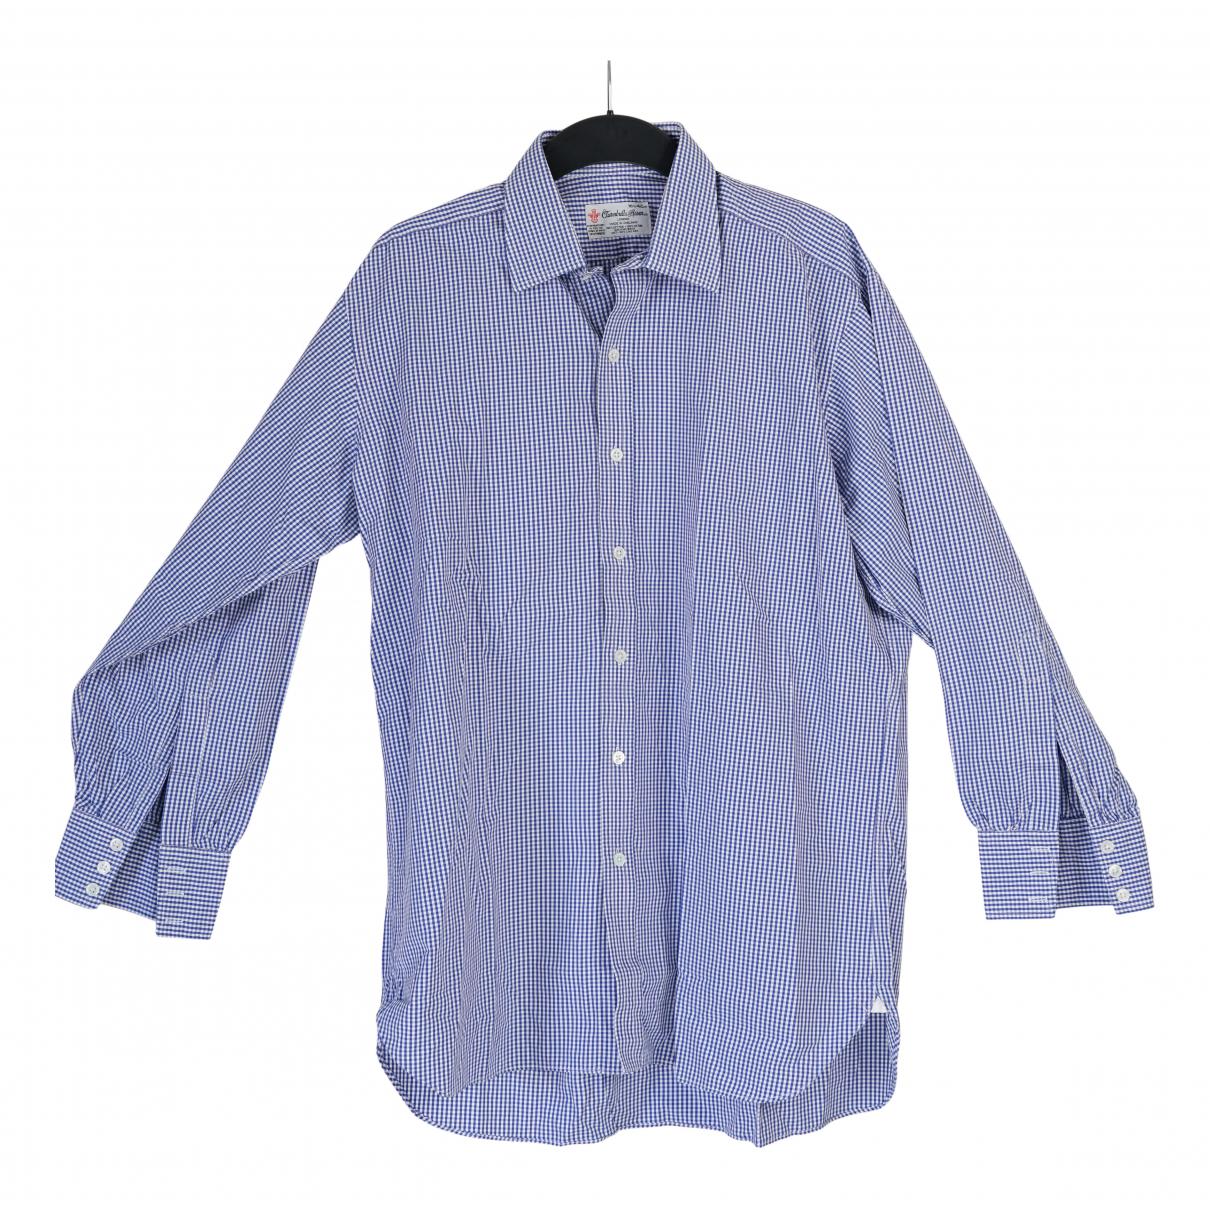 Turnbull & Asser - Chemises   pour homme en coton - bleu